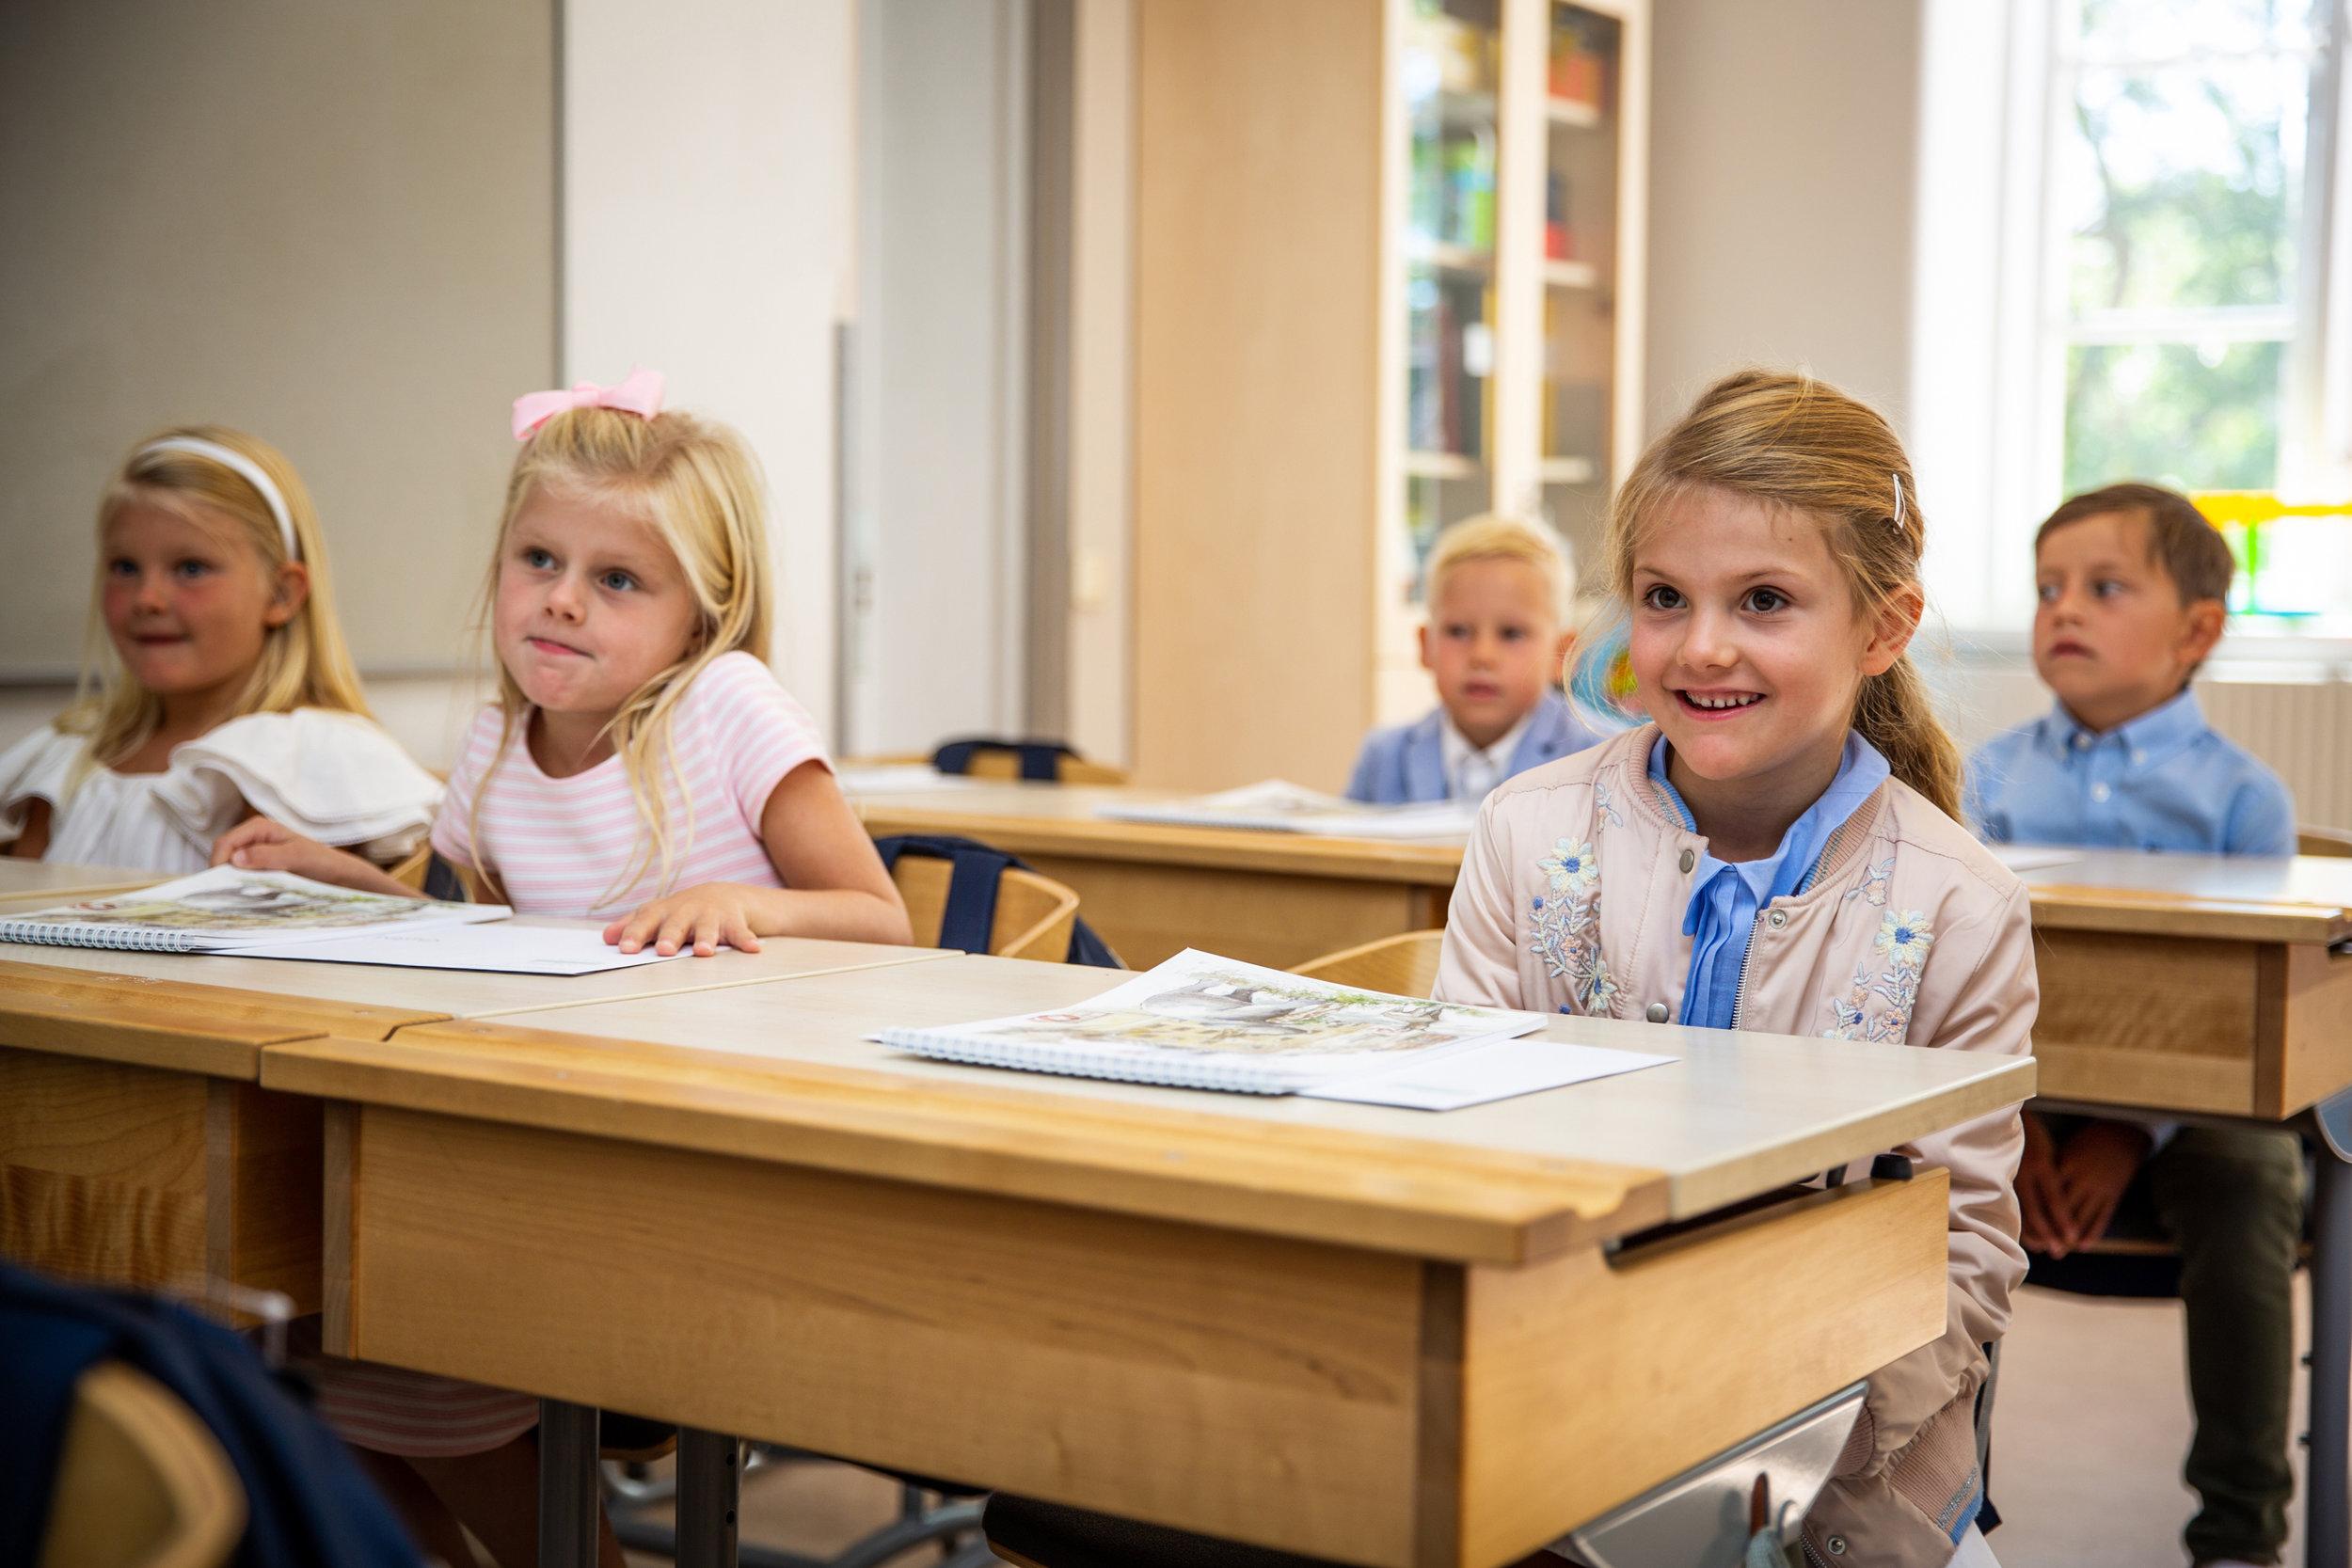 Prinzessin Estelle hört neugierig zu, was die Lehrkraft sagt.  ©Raphael StecksénKungahuset.se